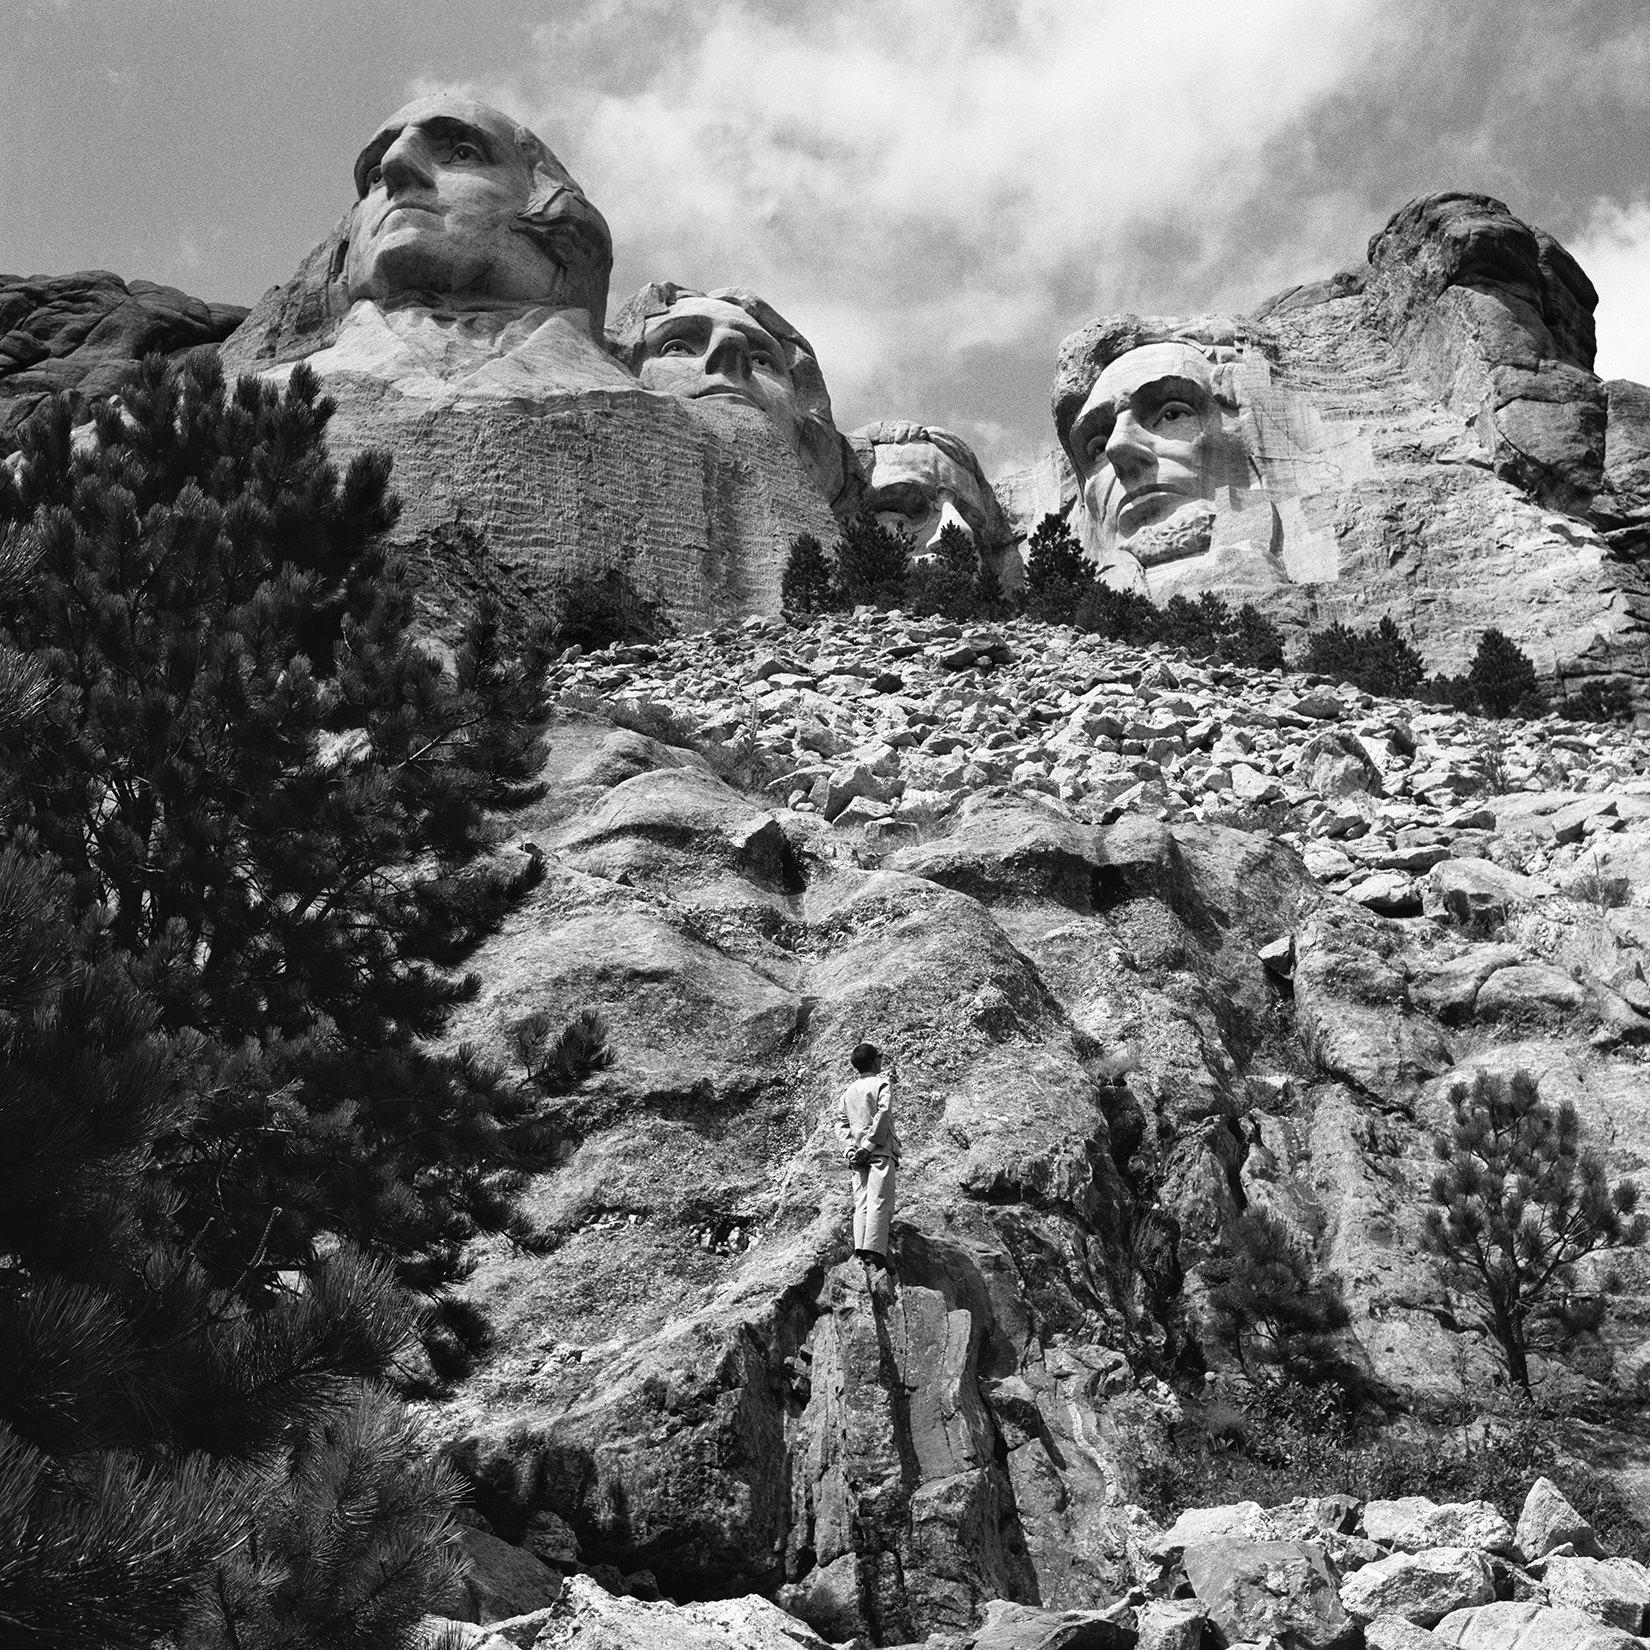 TKC_Mount_Rushmore 001